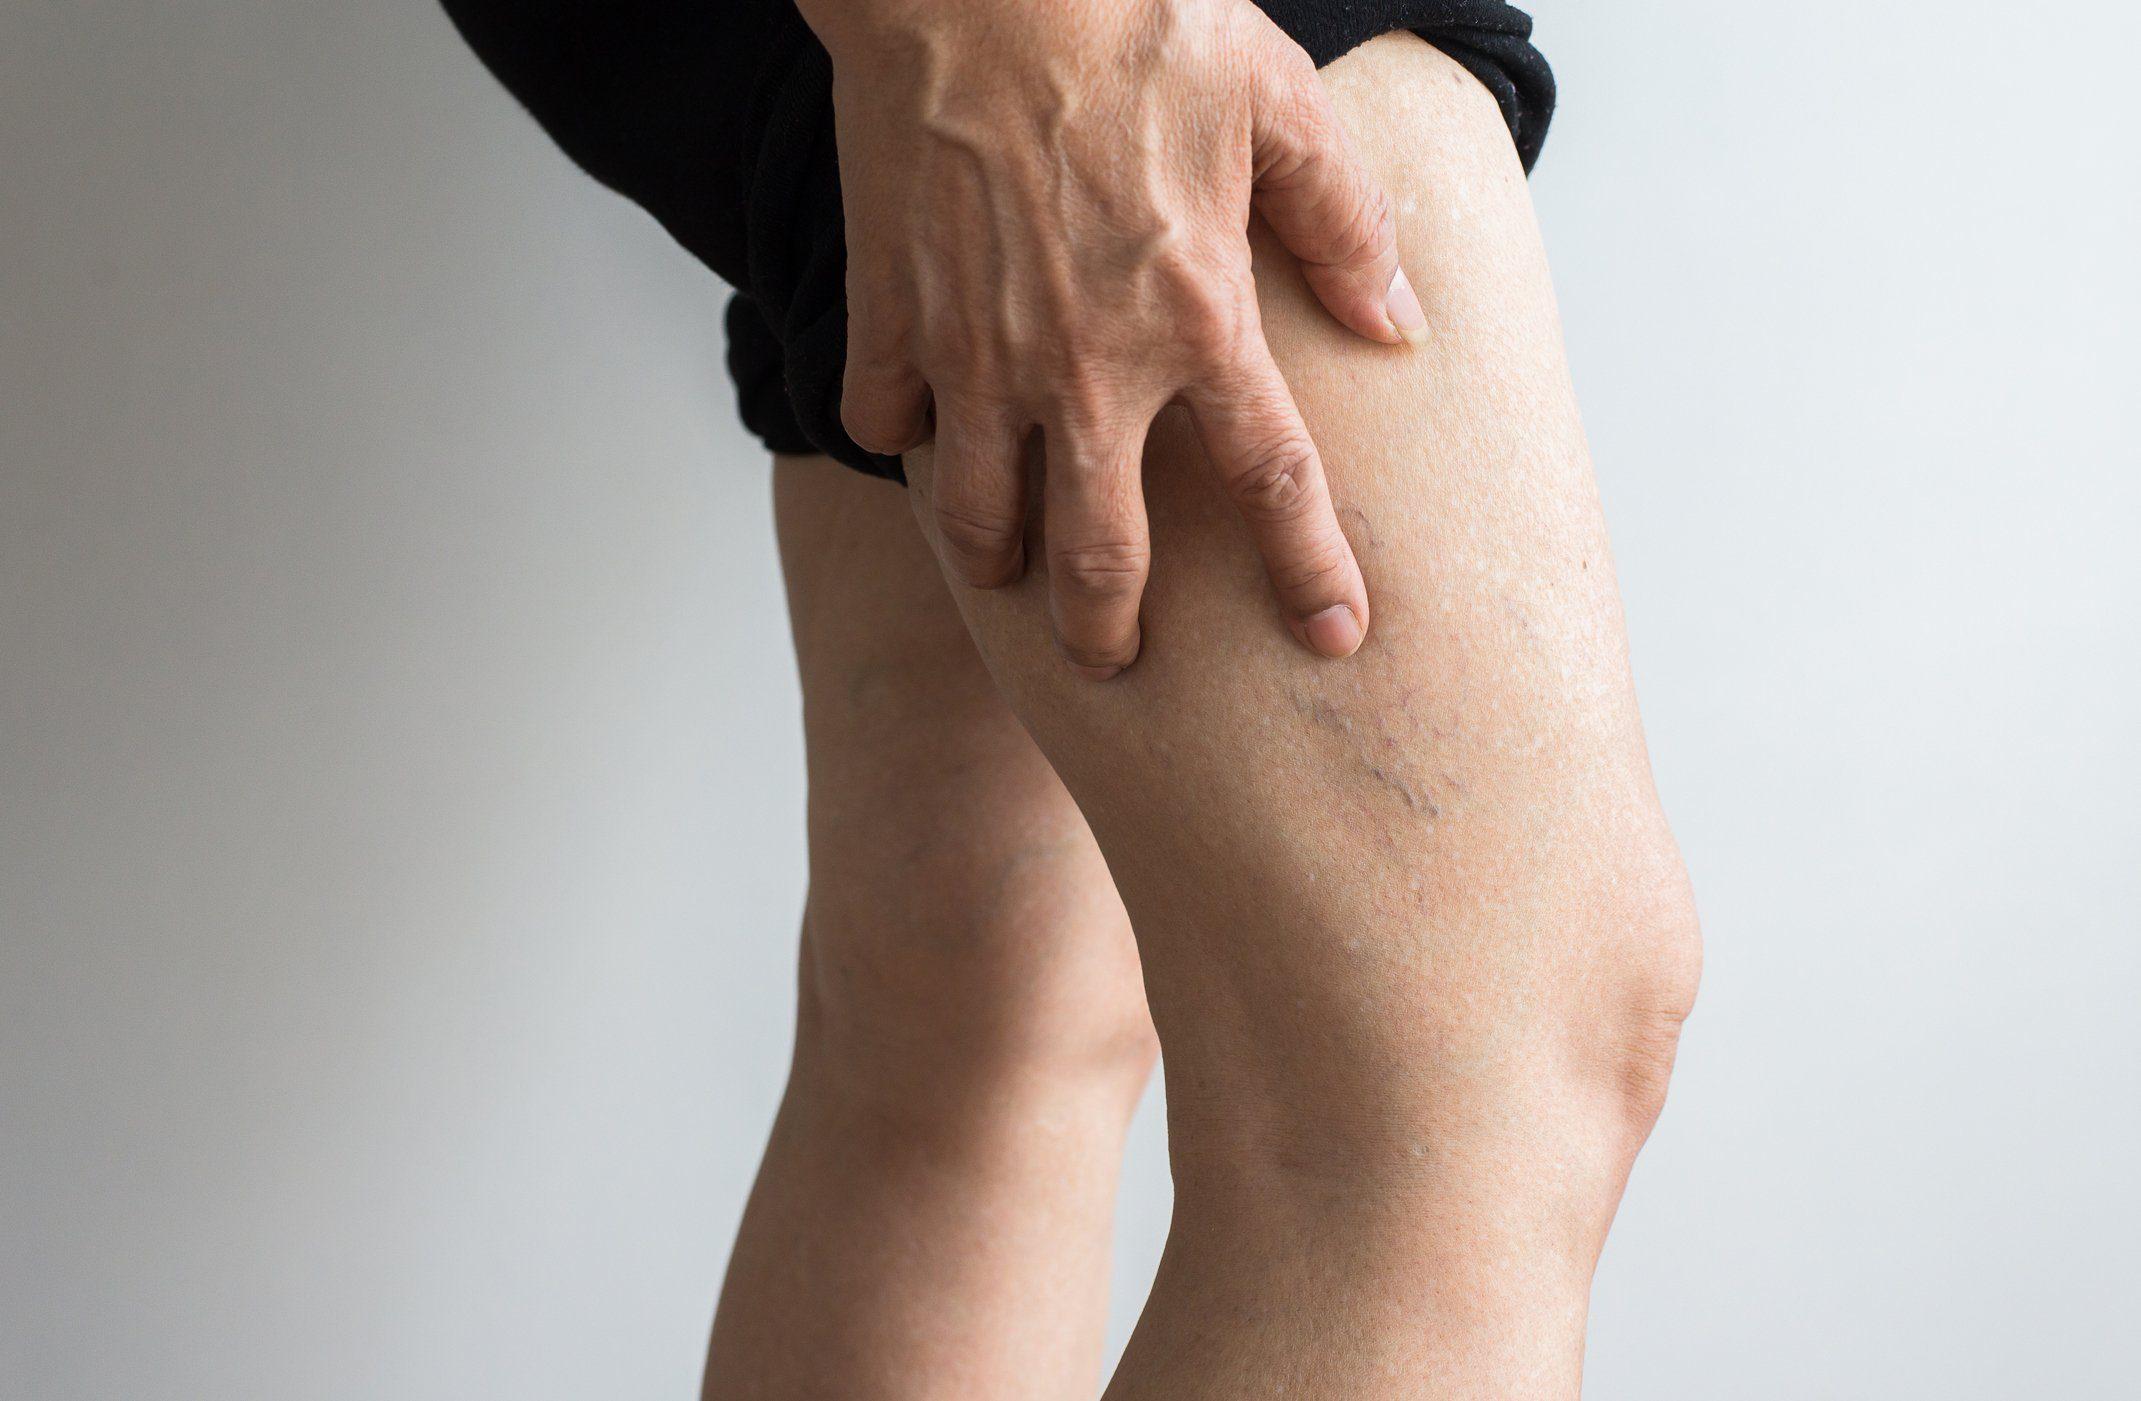 deep vein thrombosis | veins on elderly woman's leg